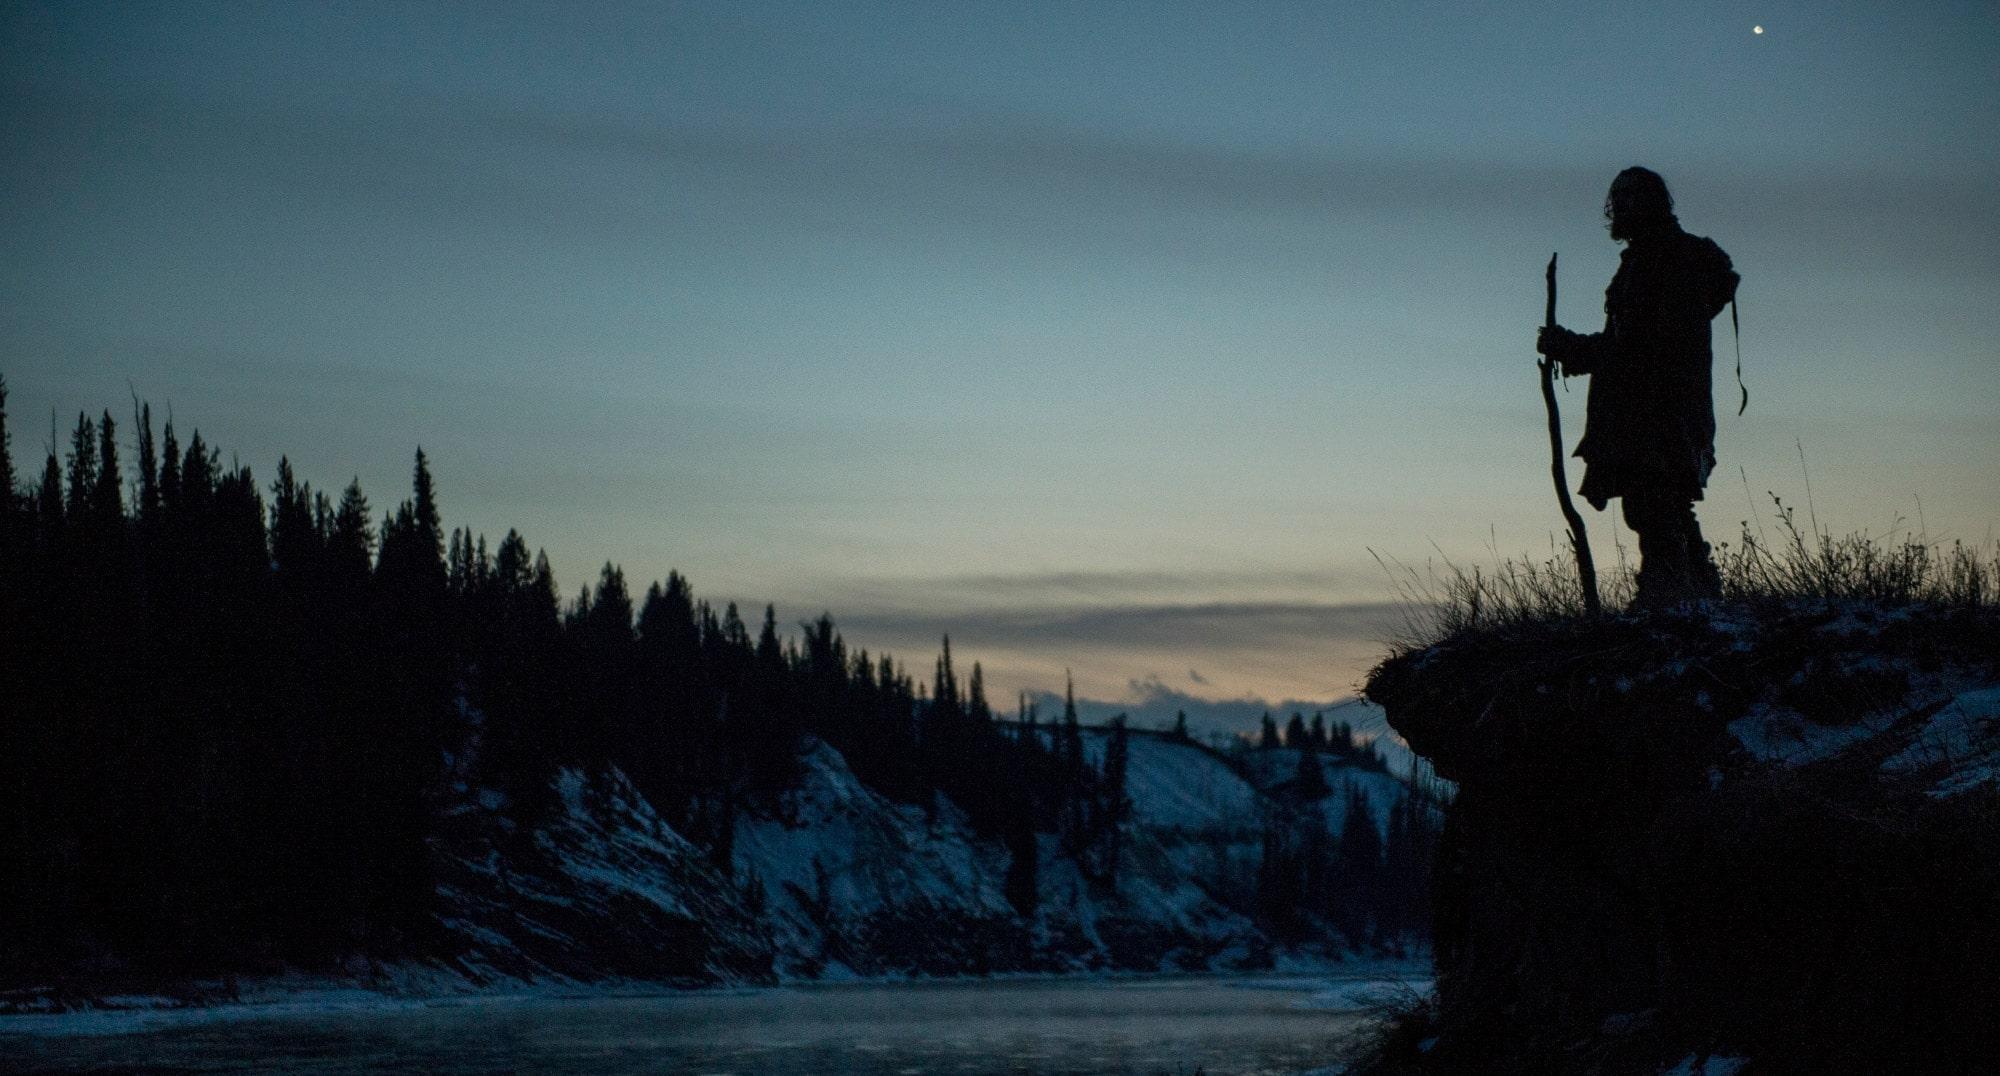 The Revenant sur Netflix : avant l'impressionnant film, il y a une histoire vraie incroyable